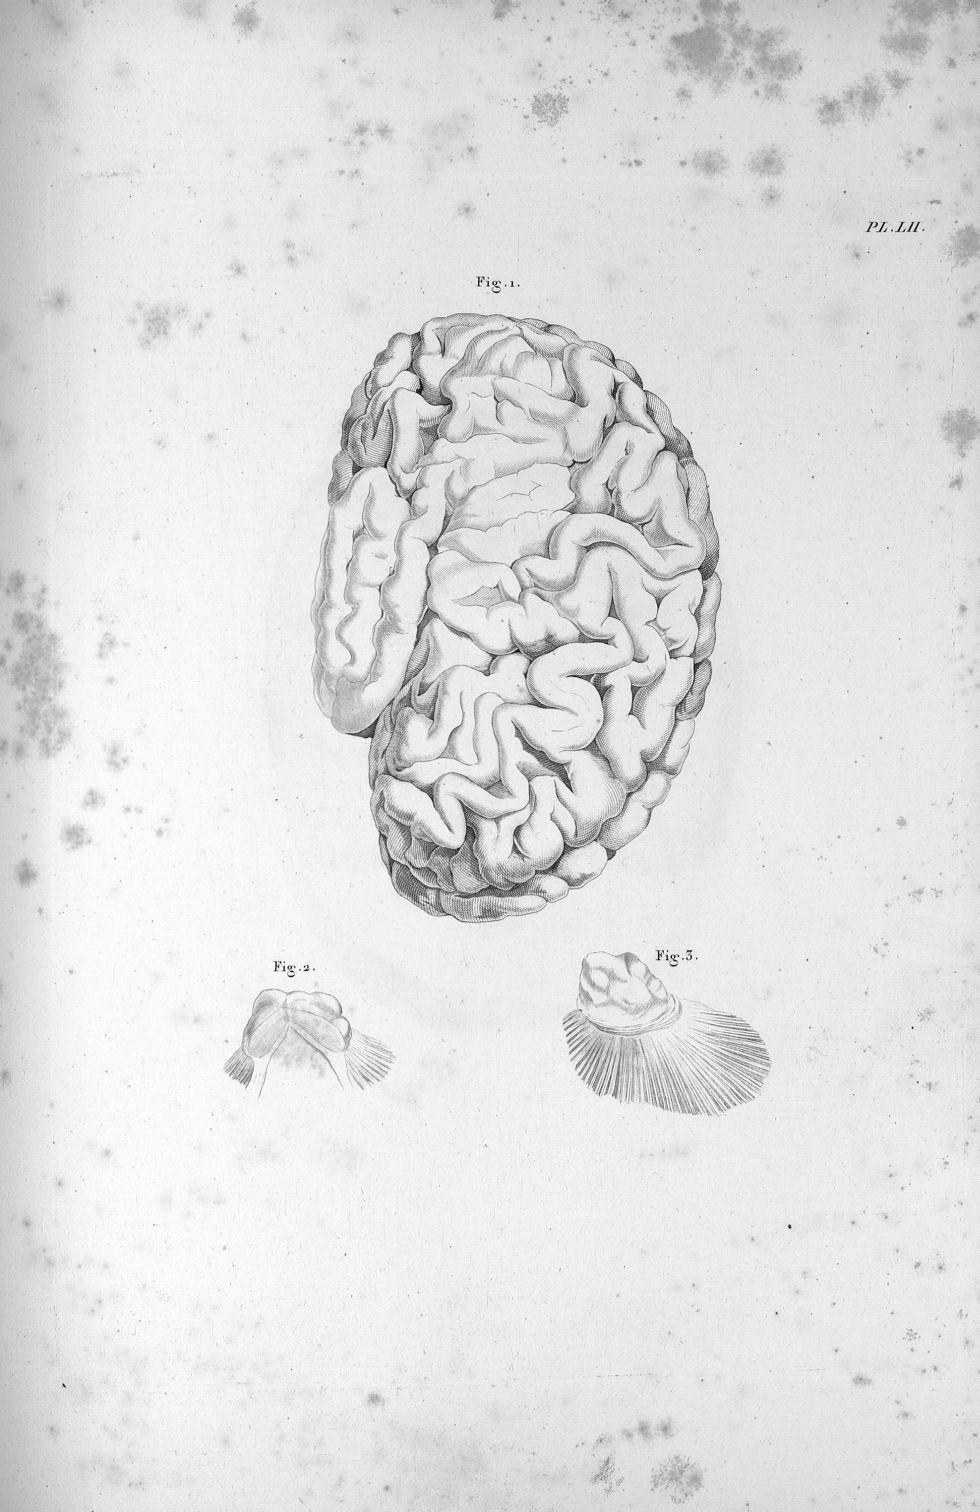 Pl. LII. Même cerveau, Pl. LI [Cerveau d'une jeune femme aliénée, dont la couche optique de l'hémisp [...] - Anatomie. Neurologie. Cerveaux. Phrénologie. 19e siècle (France) - med00575x03x0301